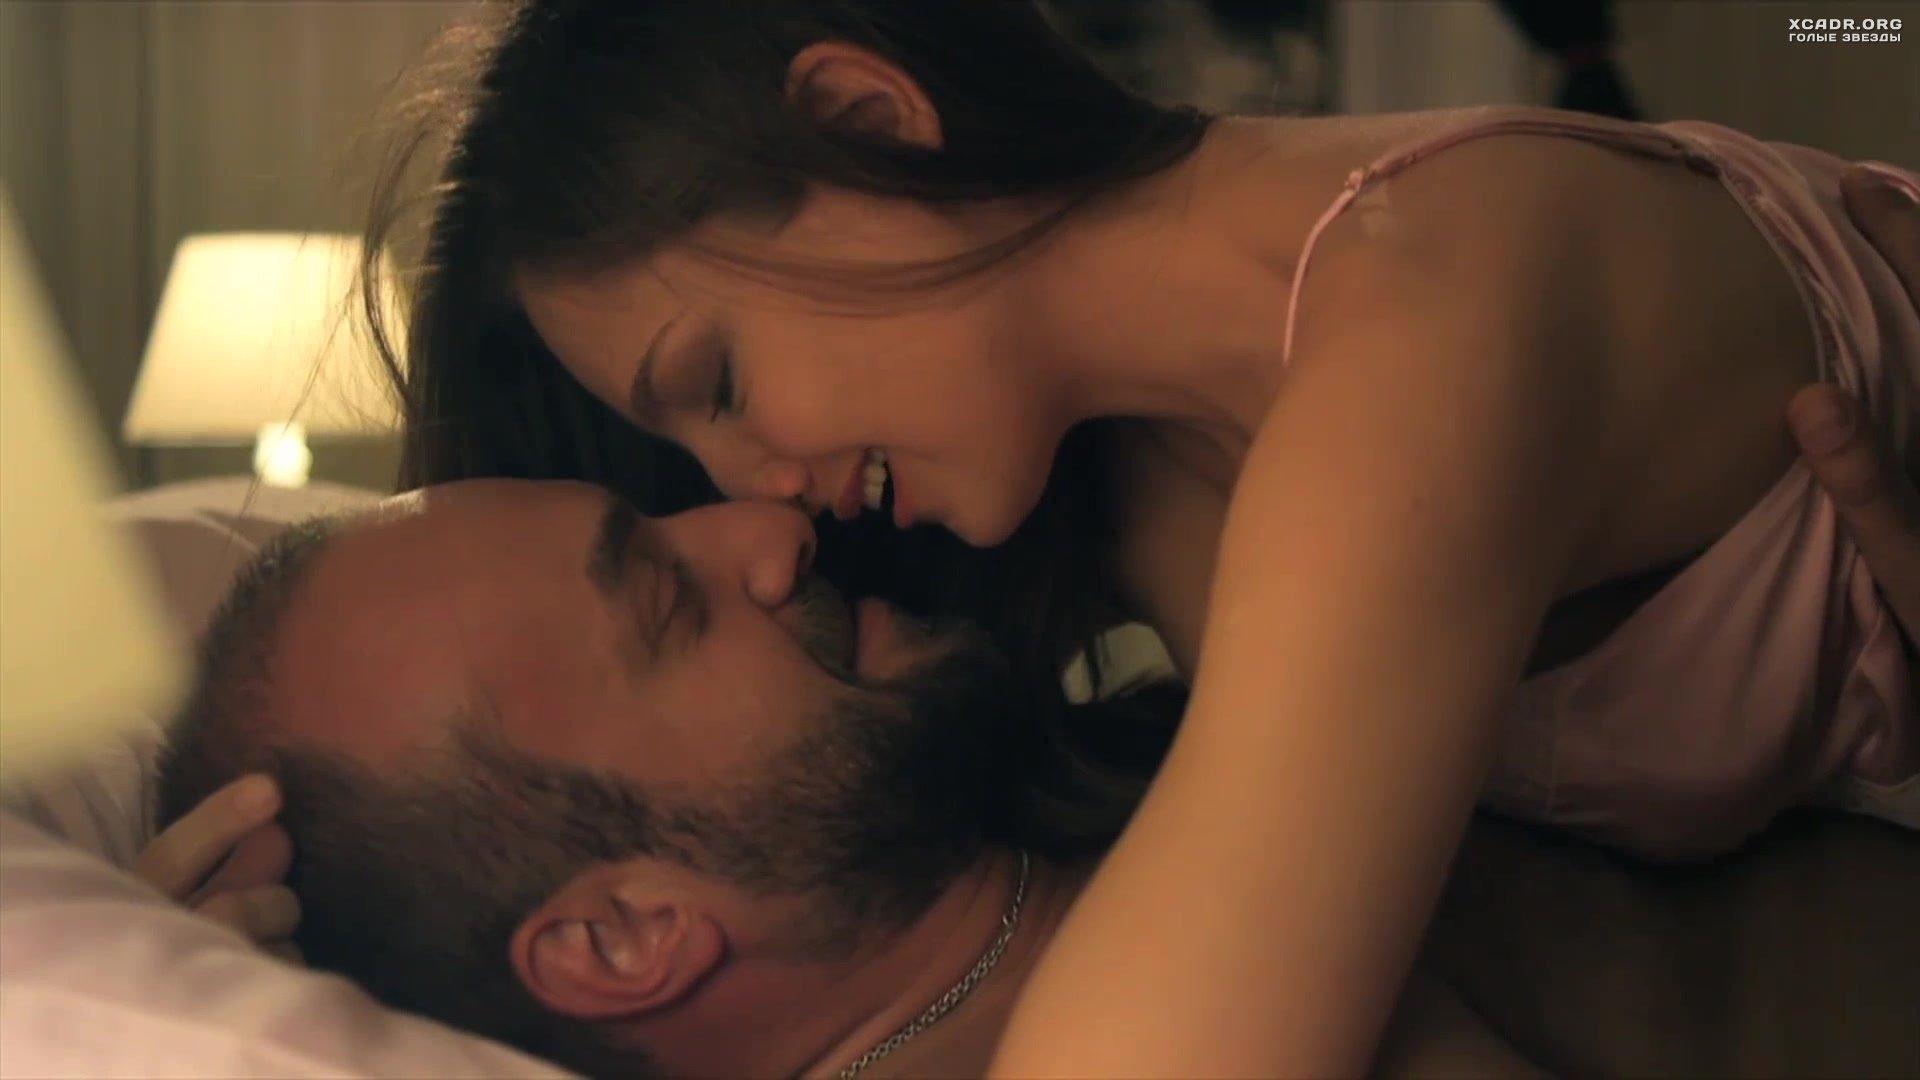 откровенная сцена секса из фильма новобранцам приезду